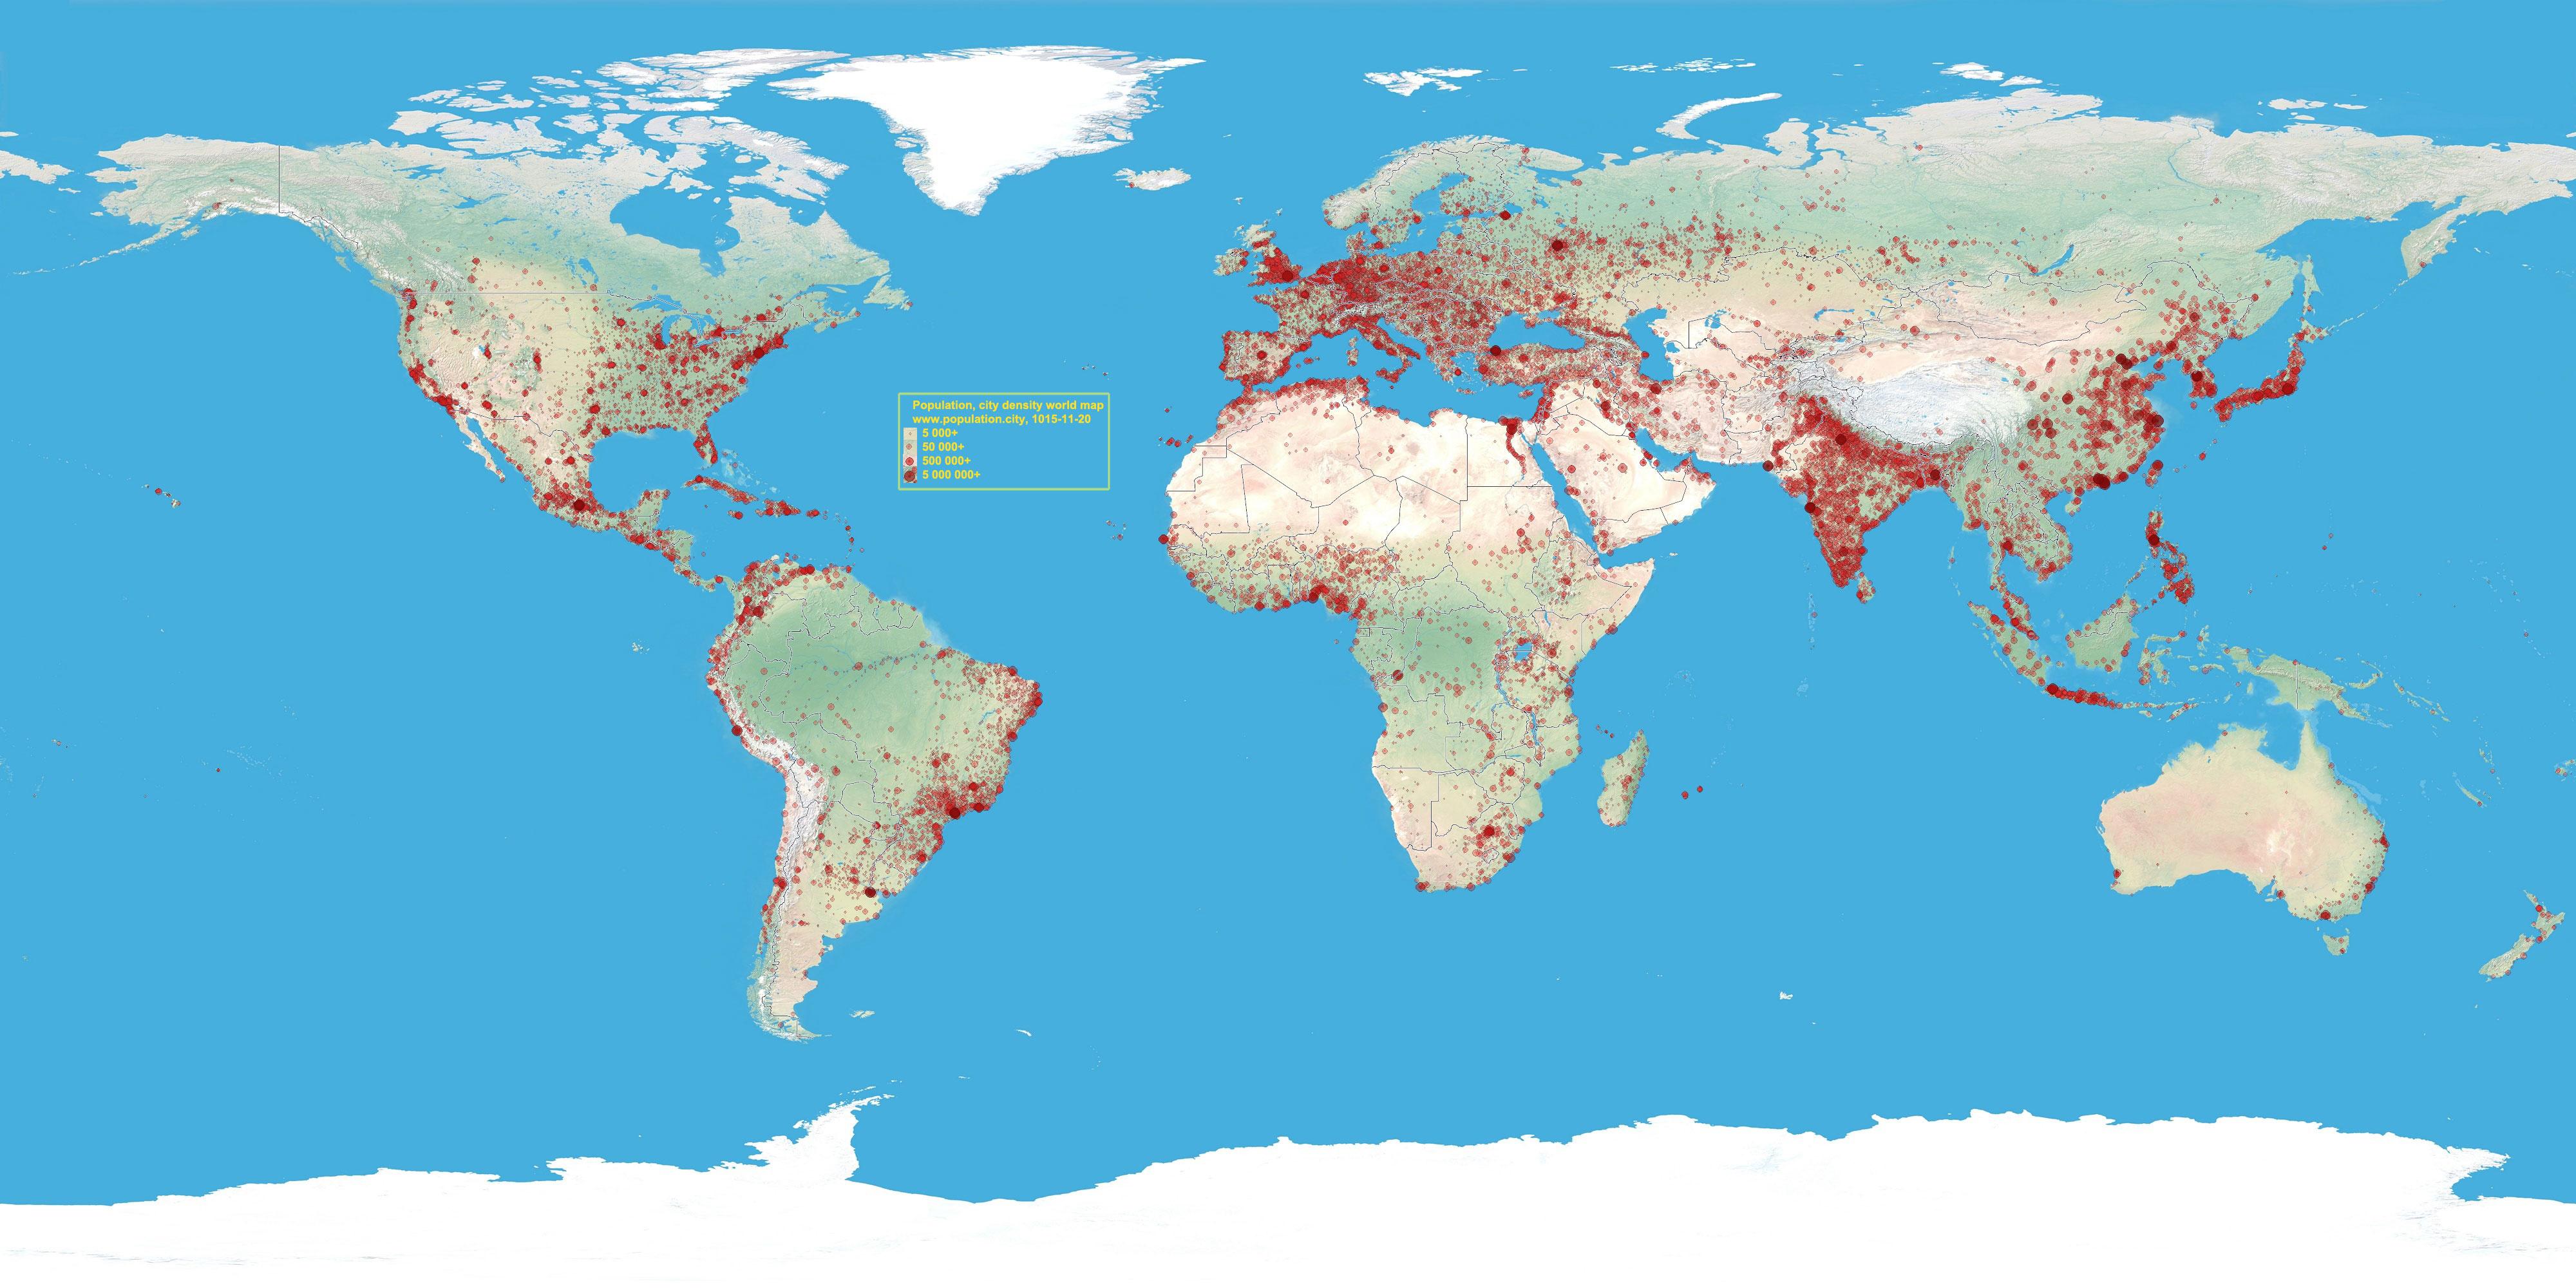 Počet lidí na zemi 2017